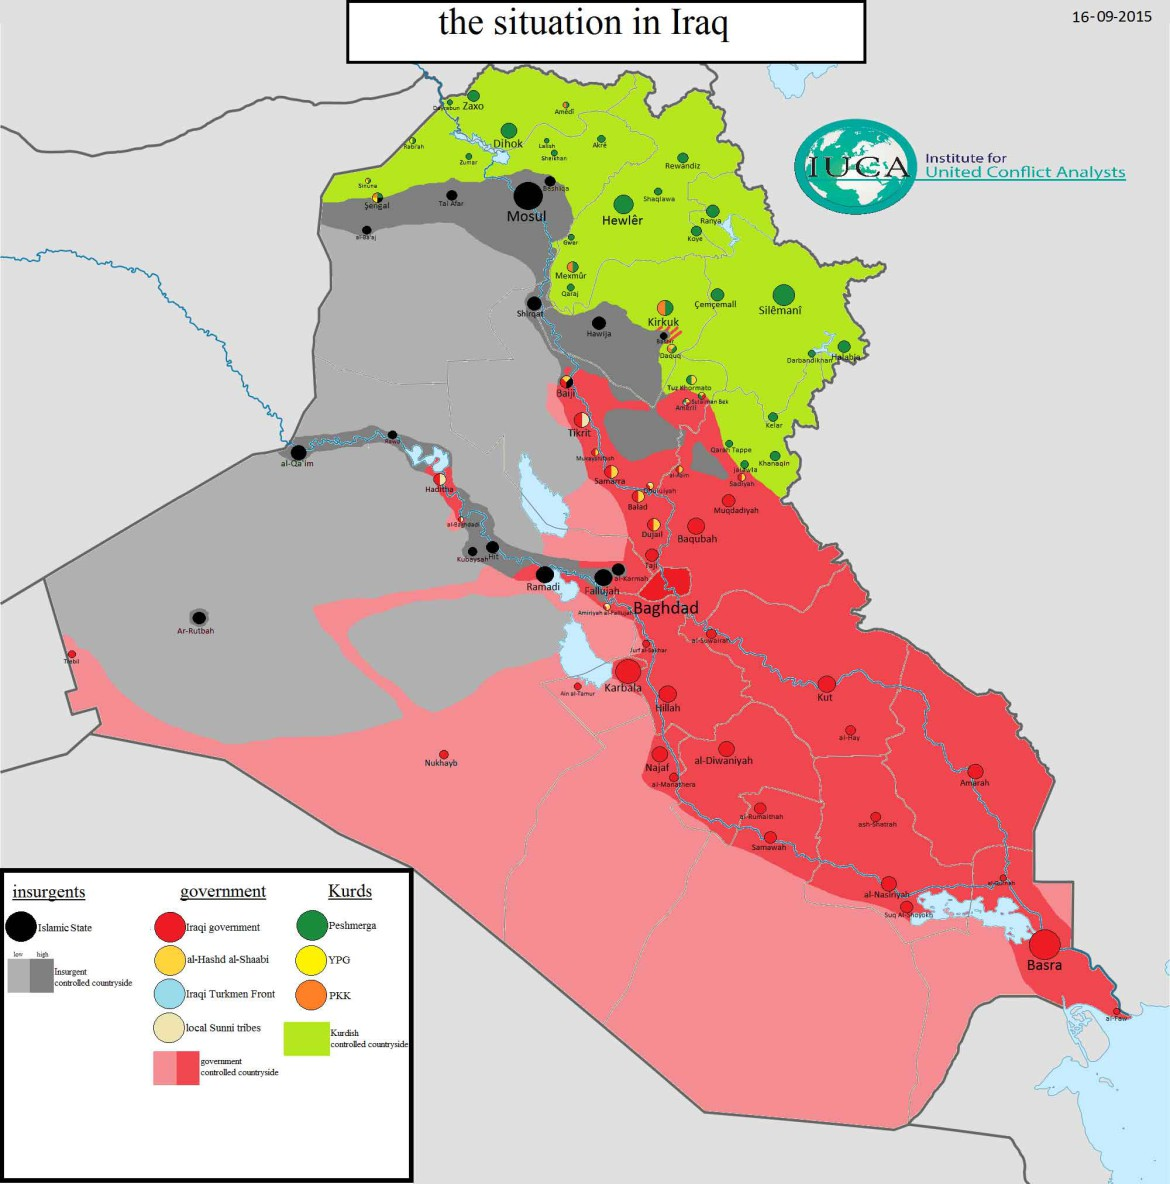 Карта расположения сторон в Ираке: ИГИЛ, курды, правительство, шиитские формирования и пр